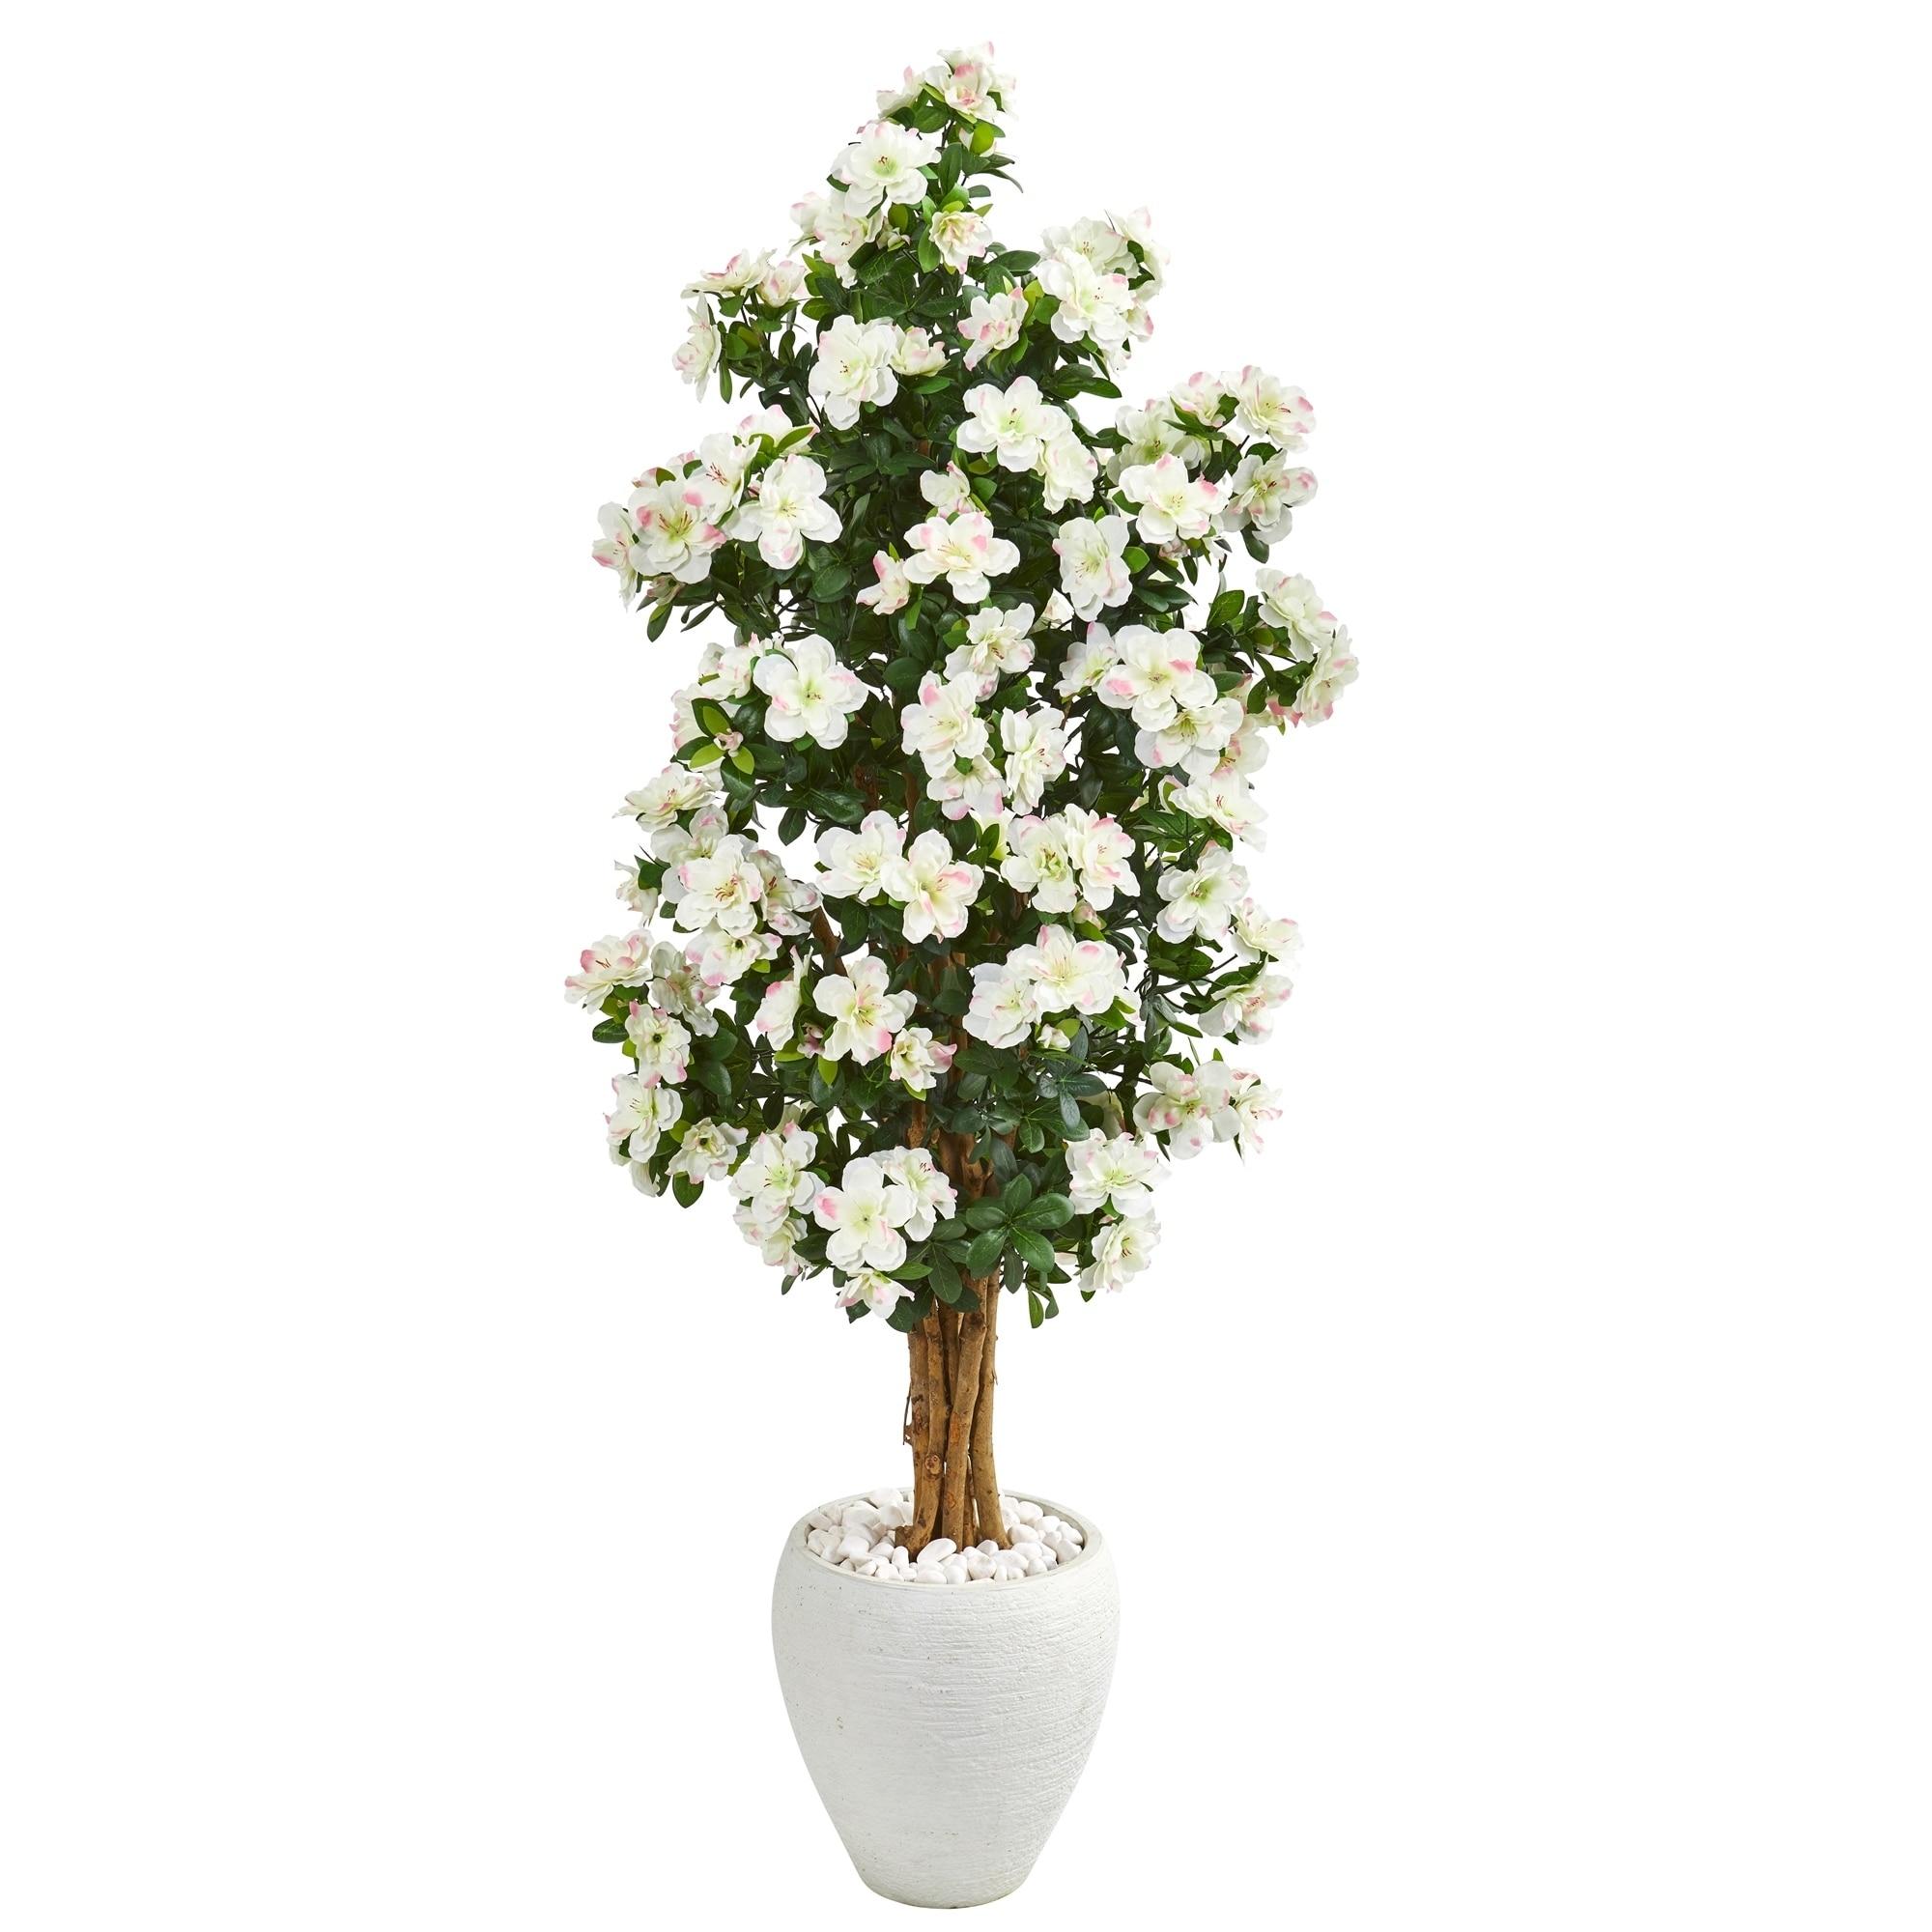 5 Azalea Artificial Tree in White Planter